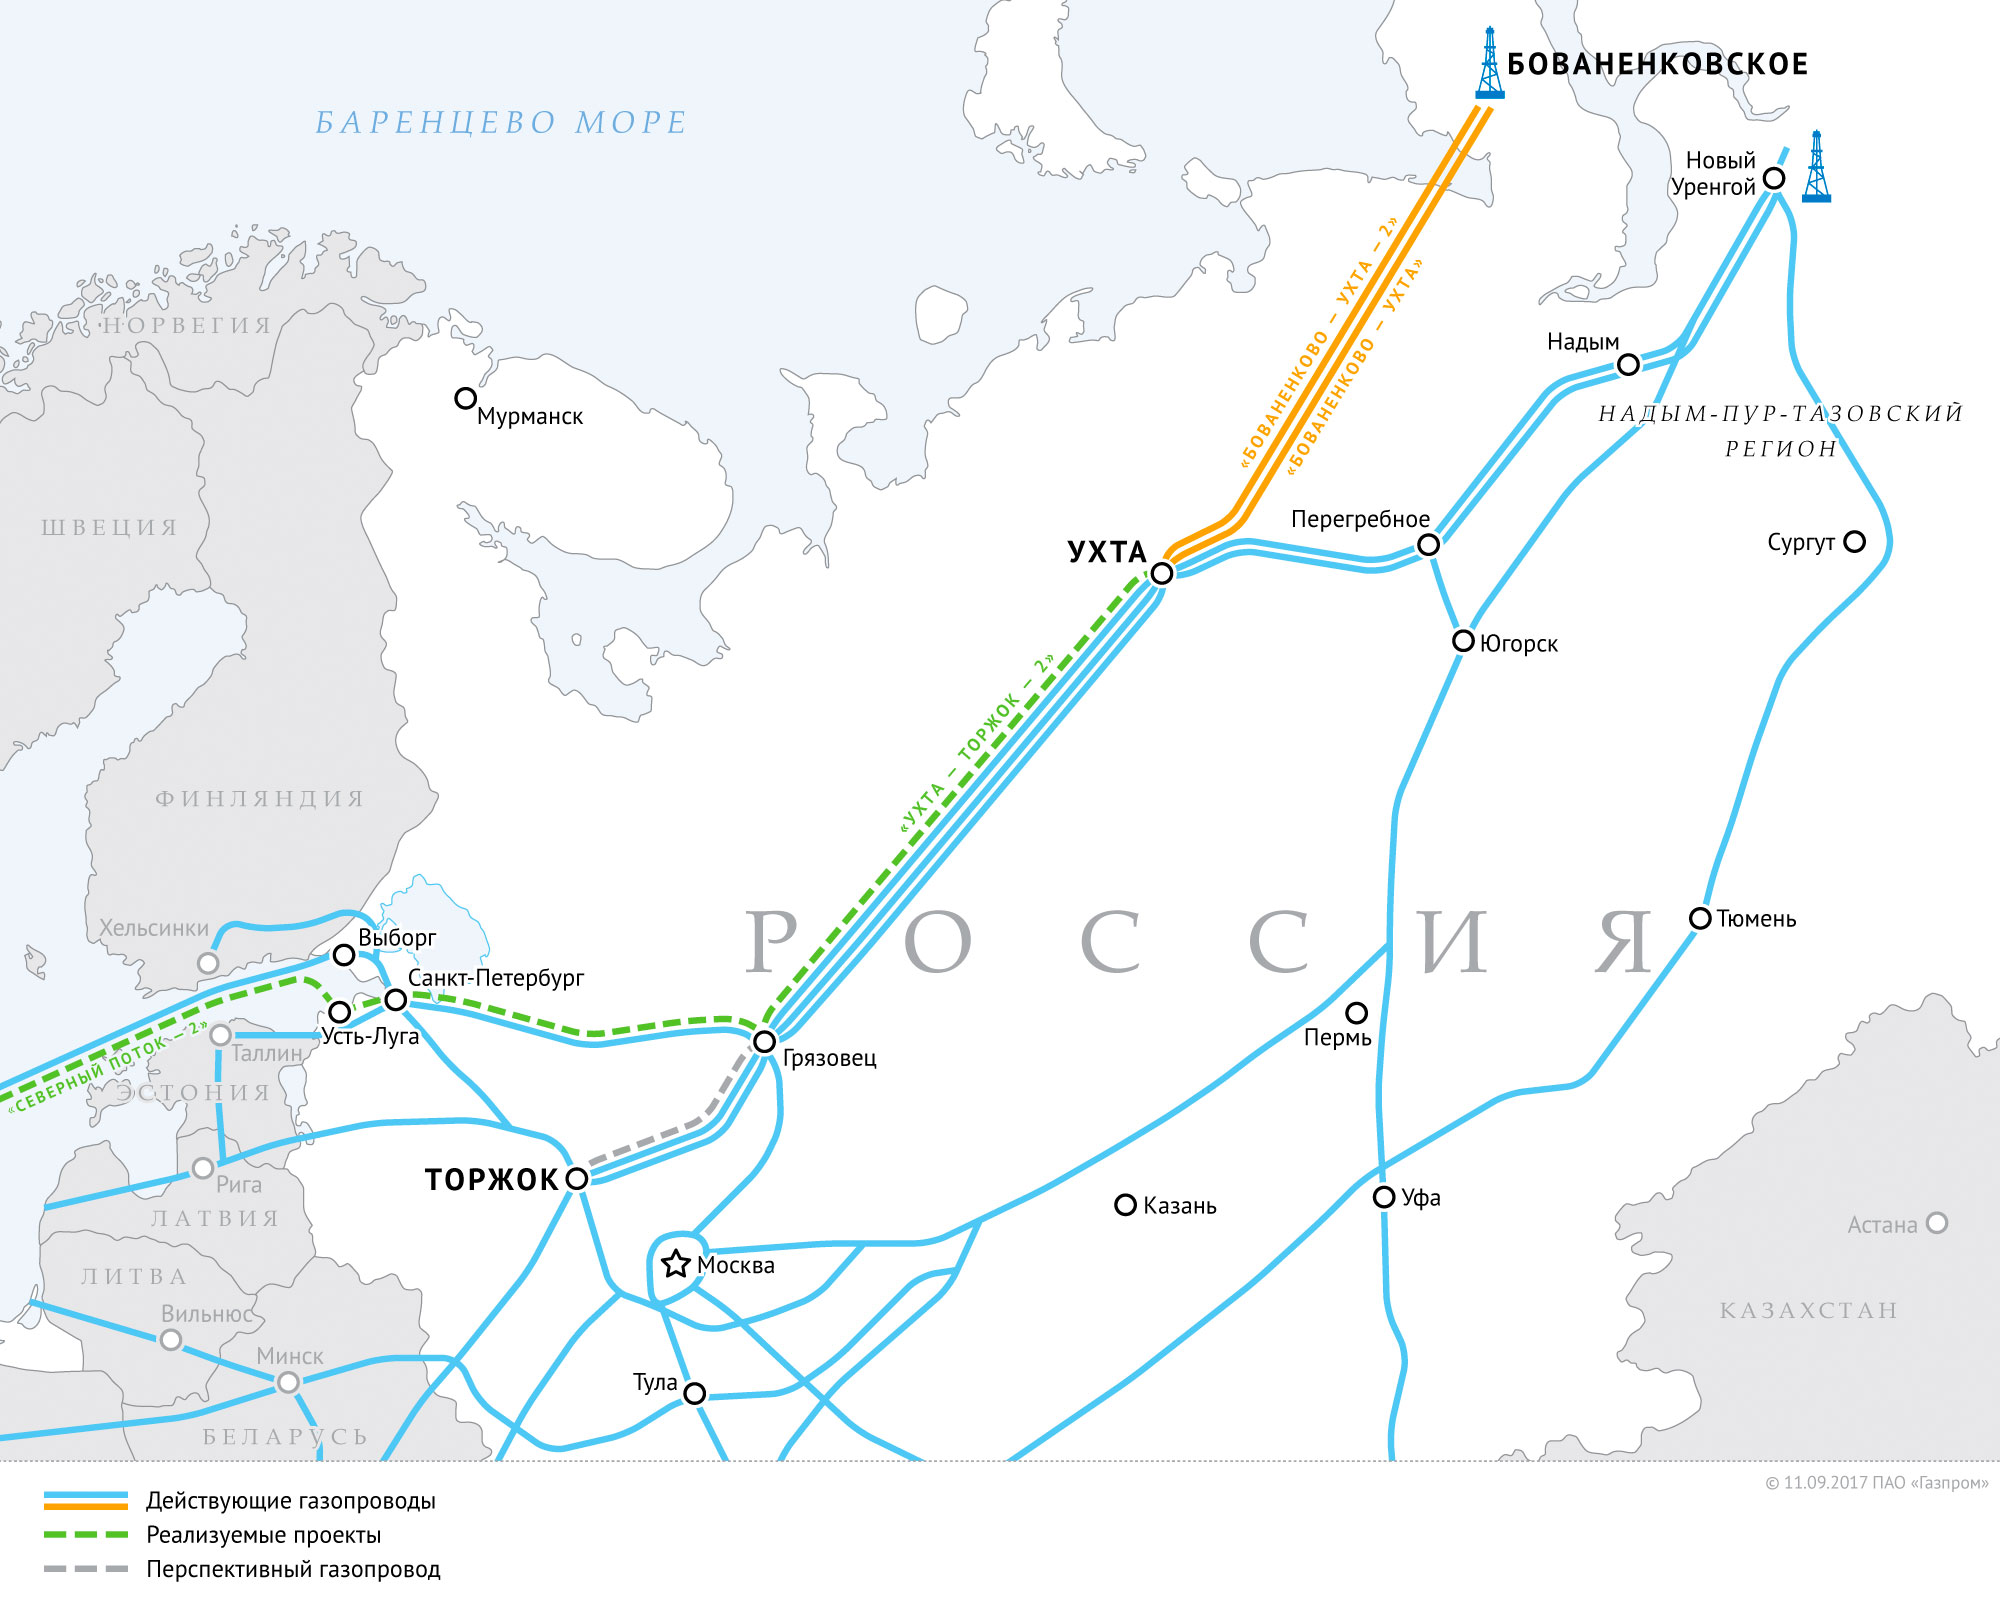 yamal.pipelines-gazprom